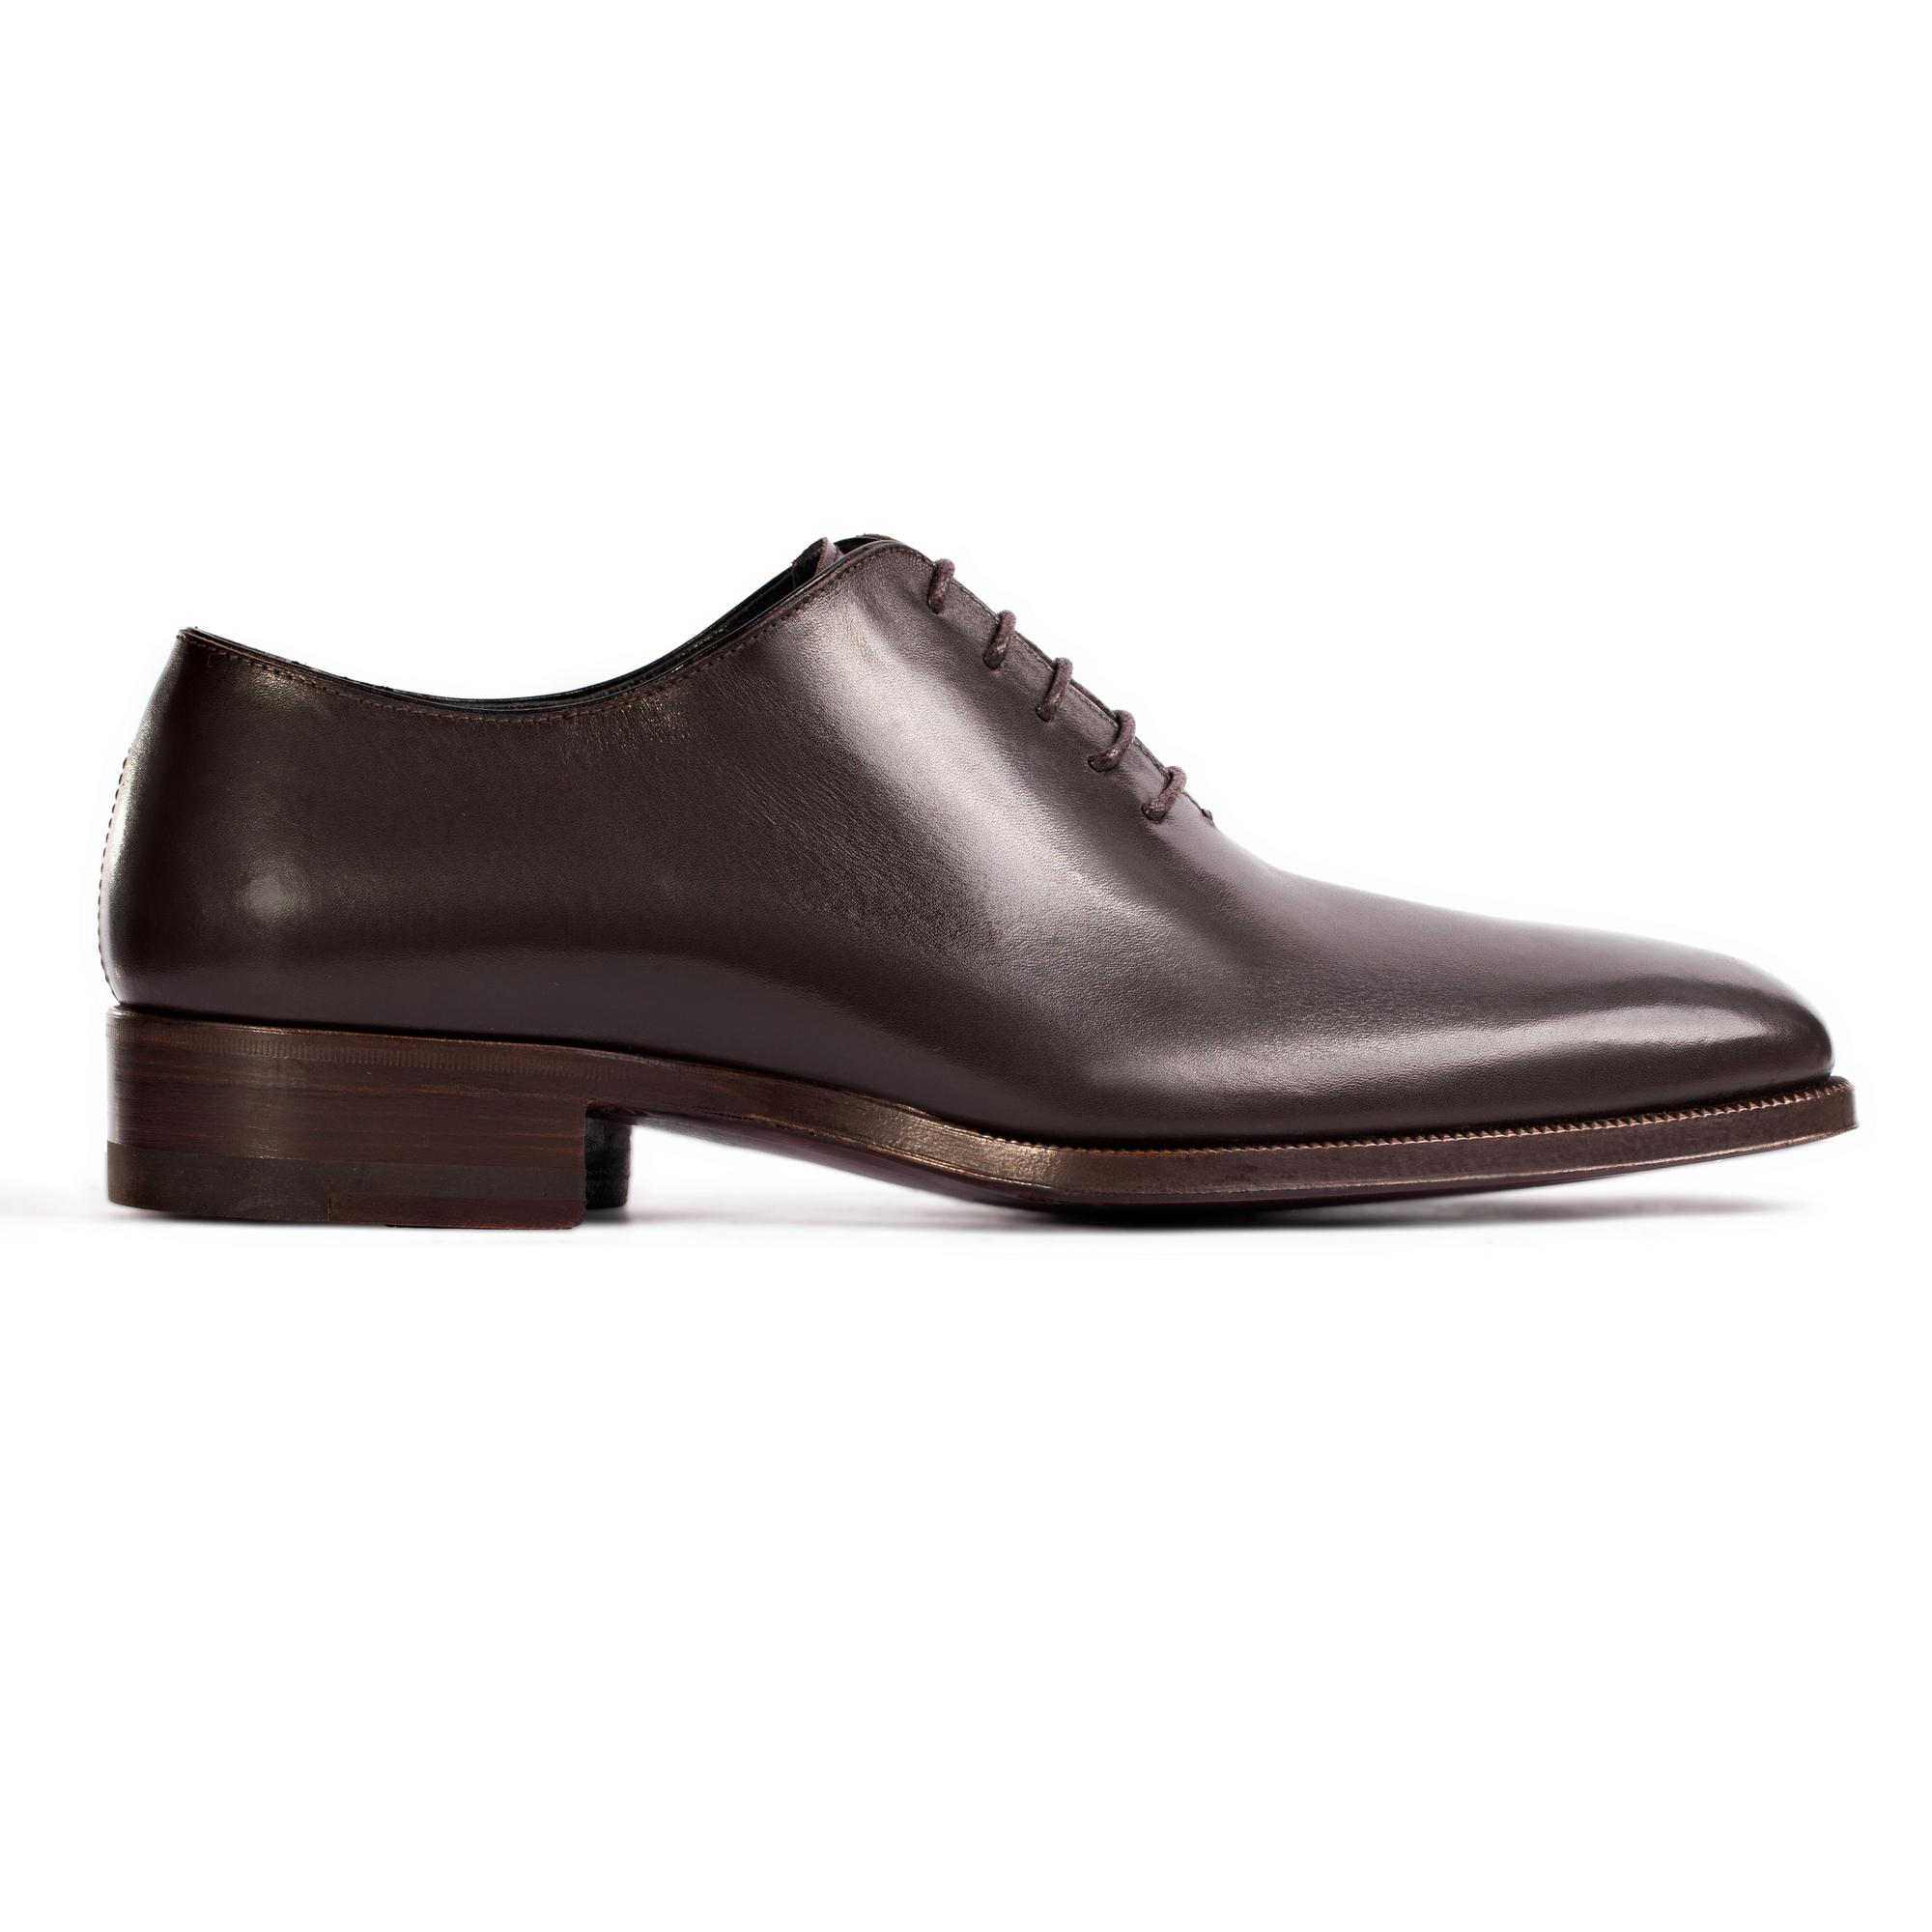 CORSOCOMO Ботинки из кожи кофейного цвета на шнуровке 31-MV600-1